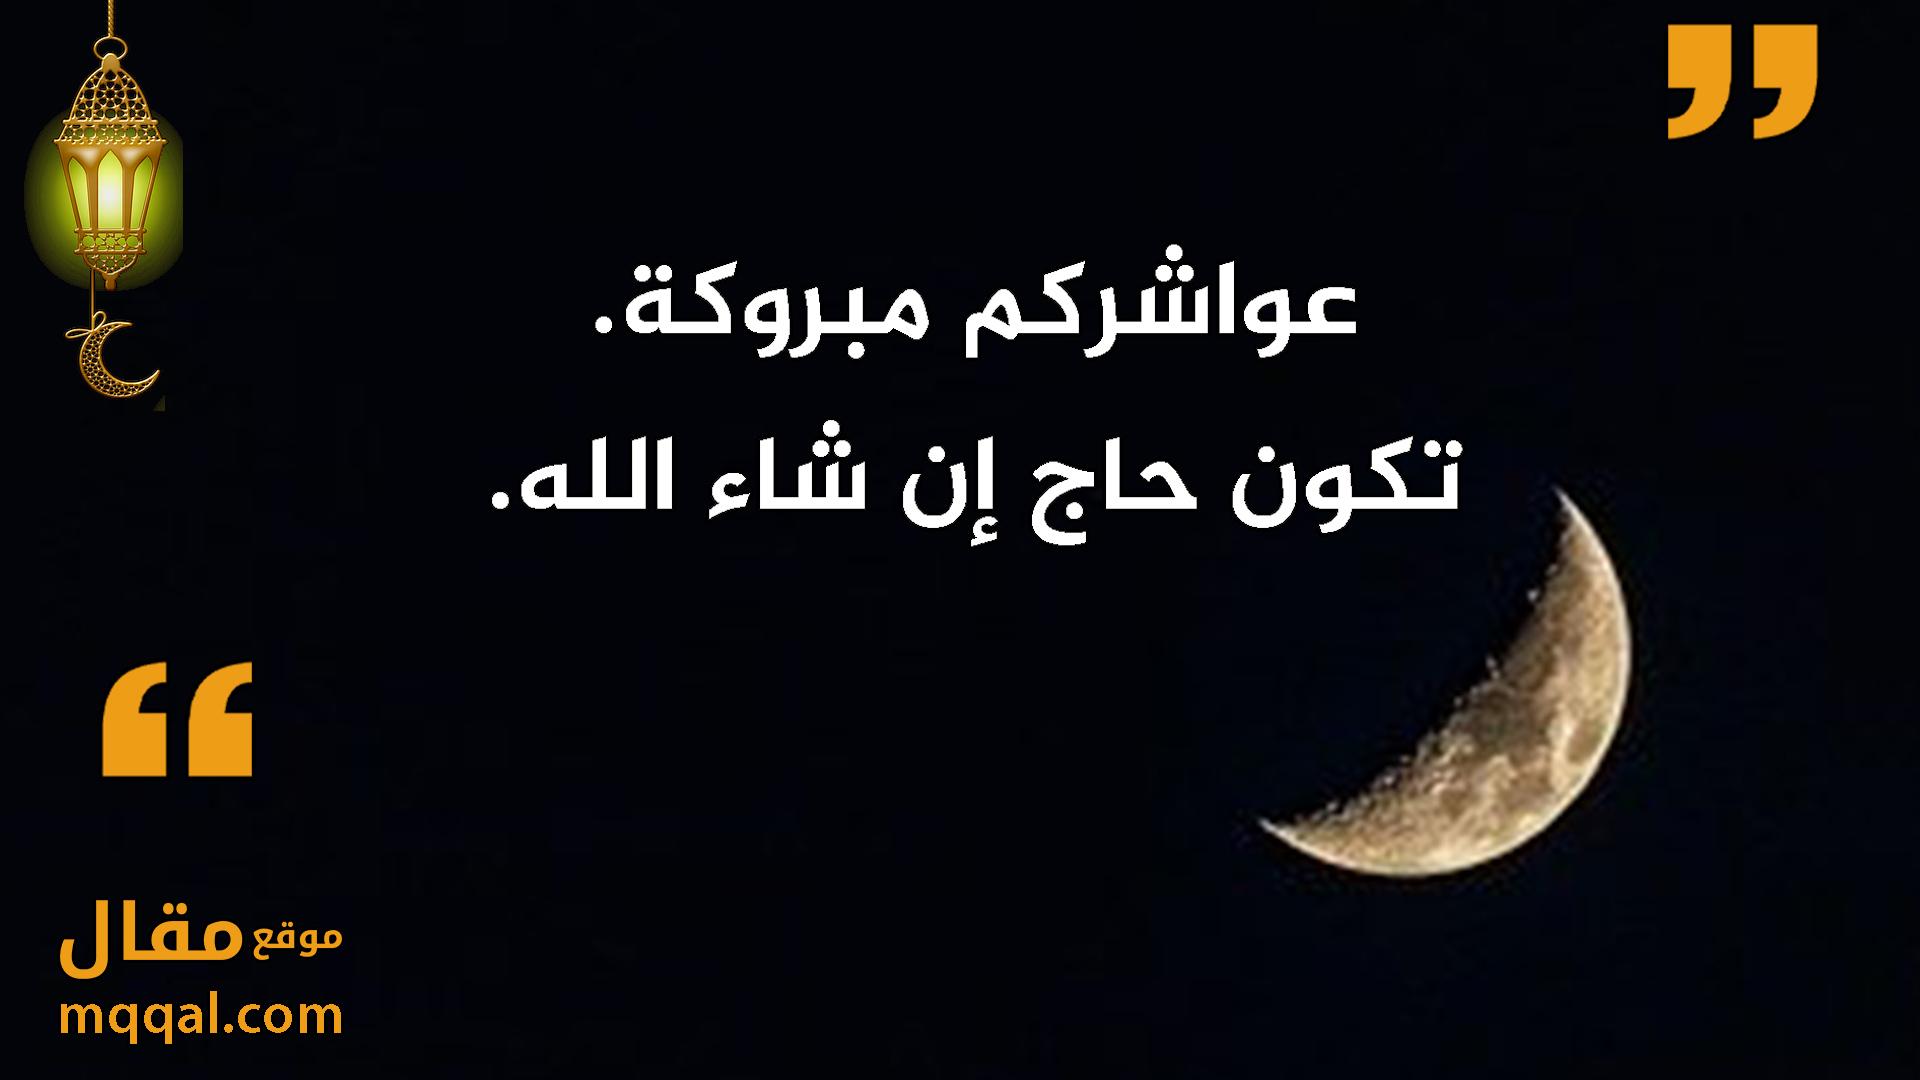 صور رمضان كريم مبارك من المغرب العربي